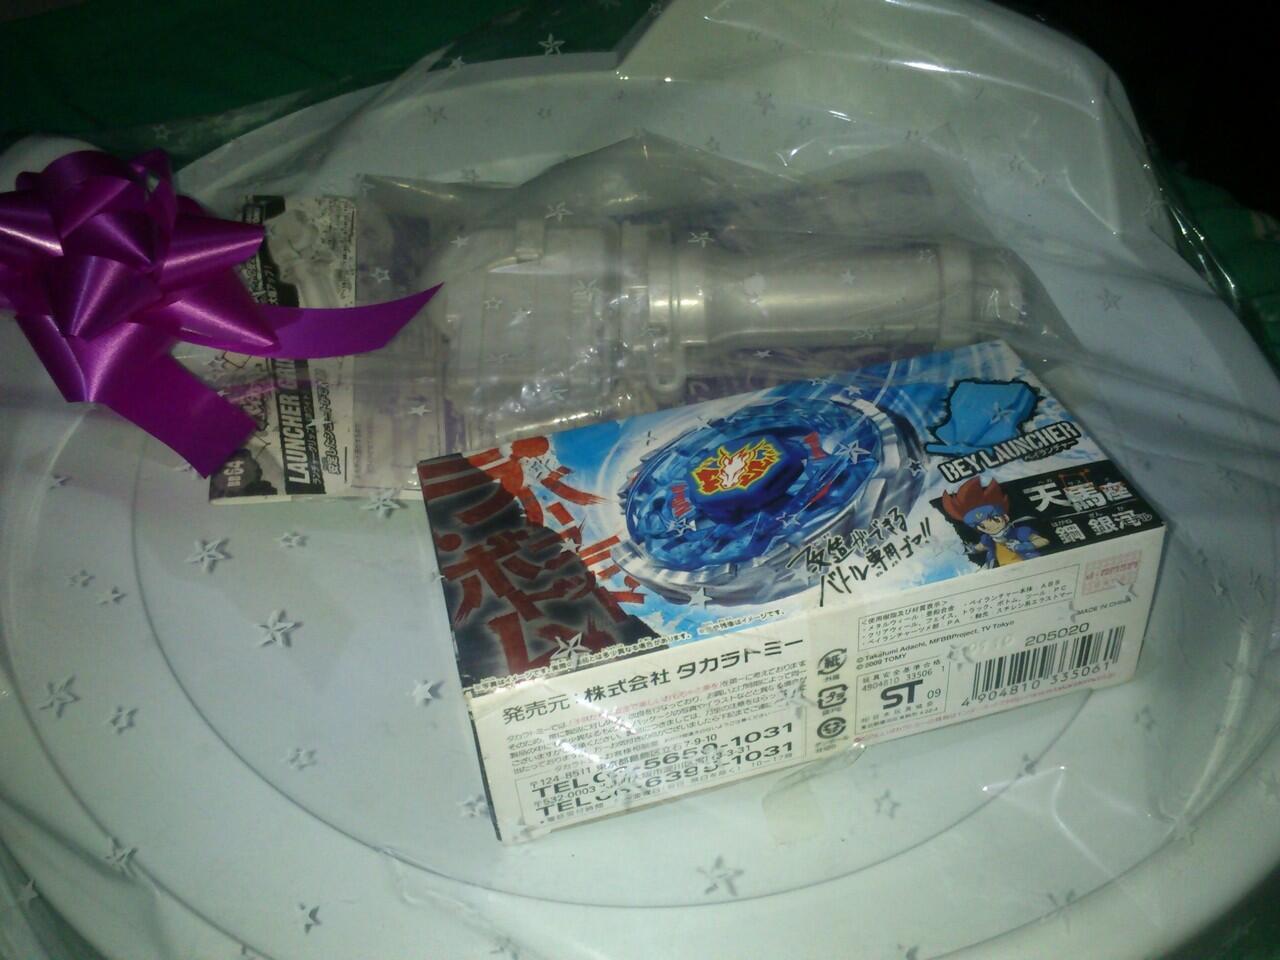 <<<...BEYBLADE TAKARA TOMY PEGASIS 105 RF...>>>